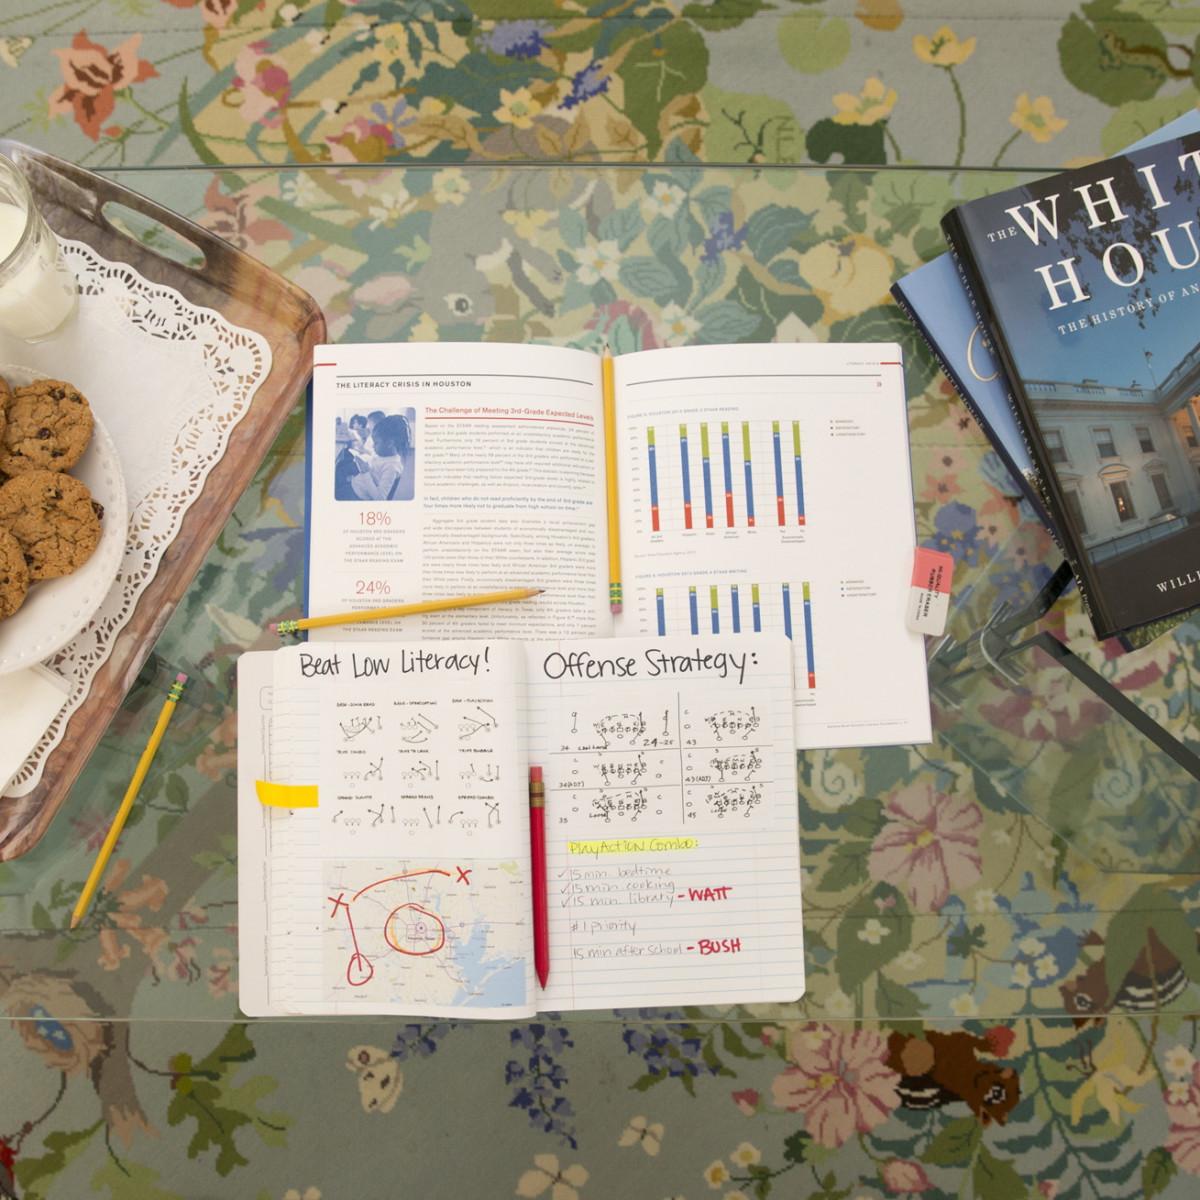 J.J. Watt Play book, literacy, 4/16